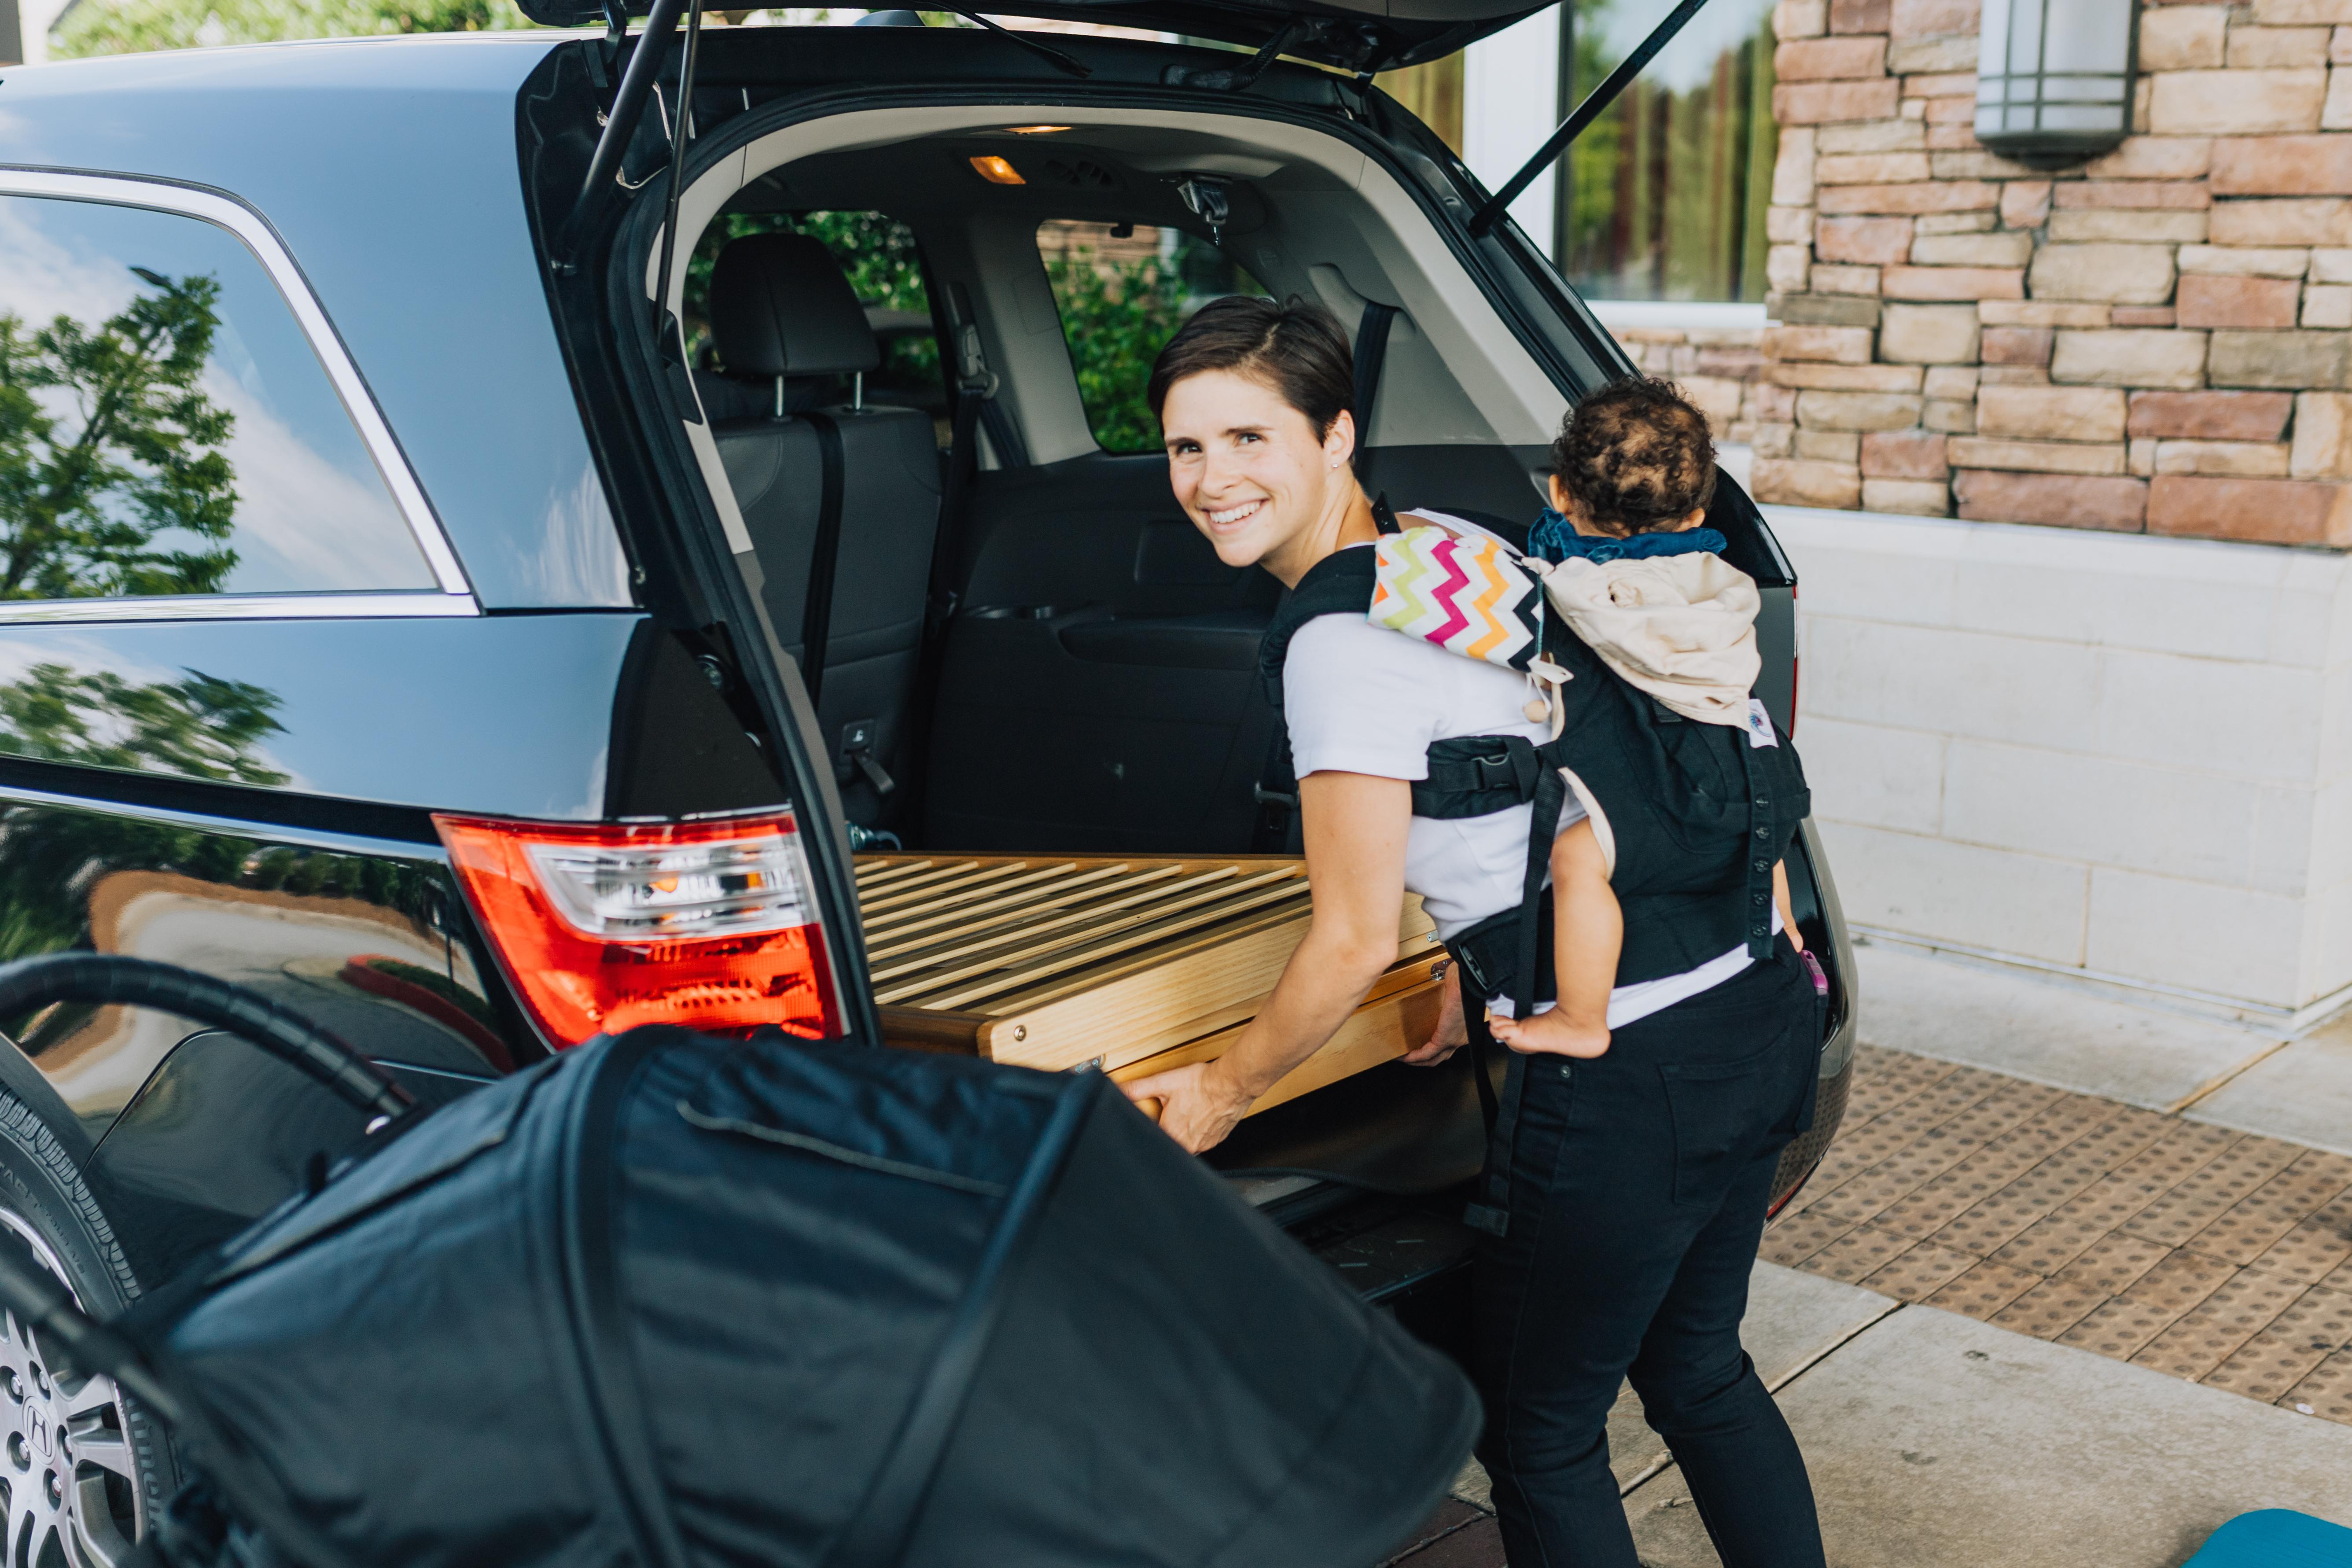 Bethany loading gear